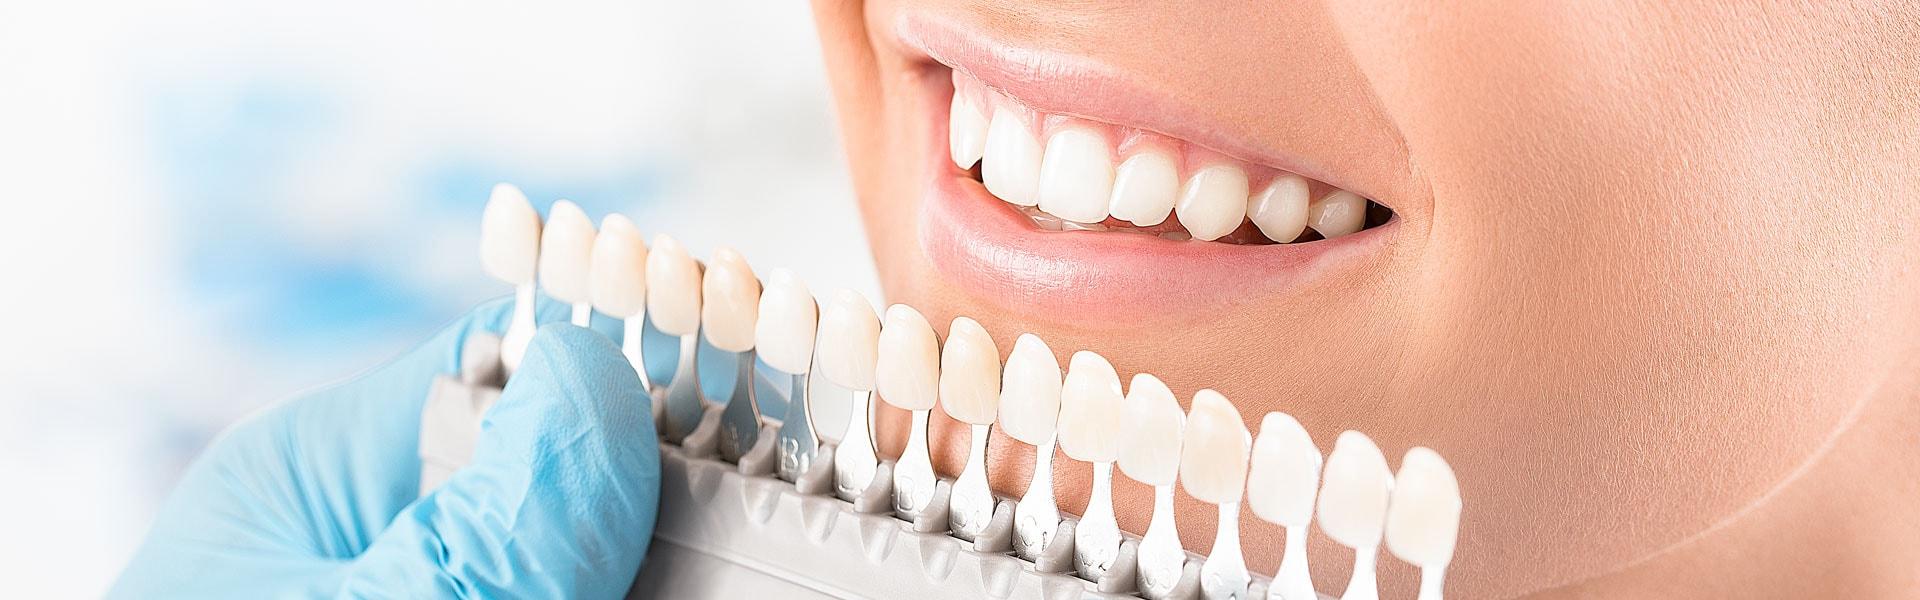 Dental Veneer Info Blog, Local dental veneers question answers online